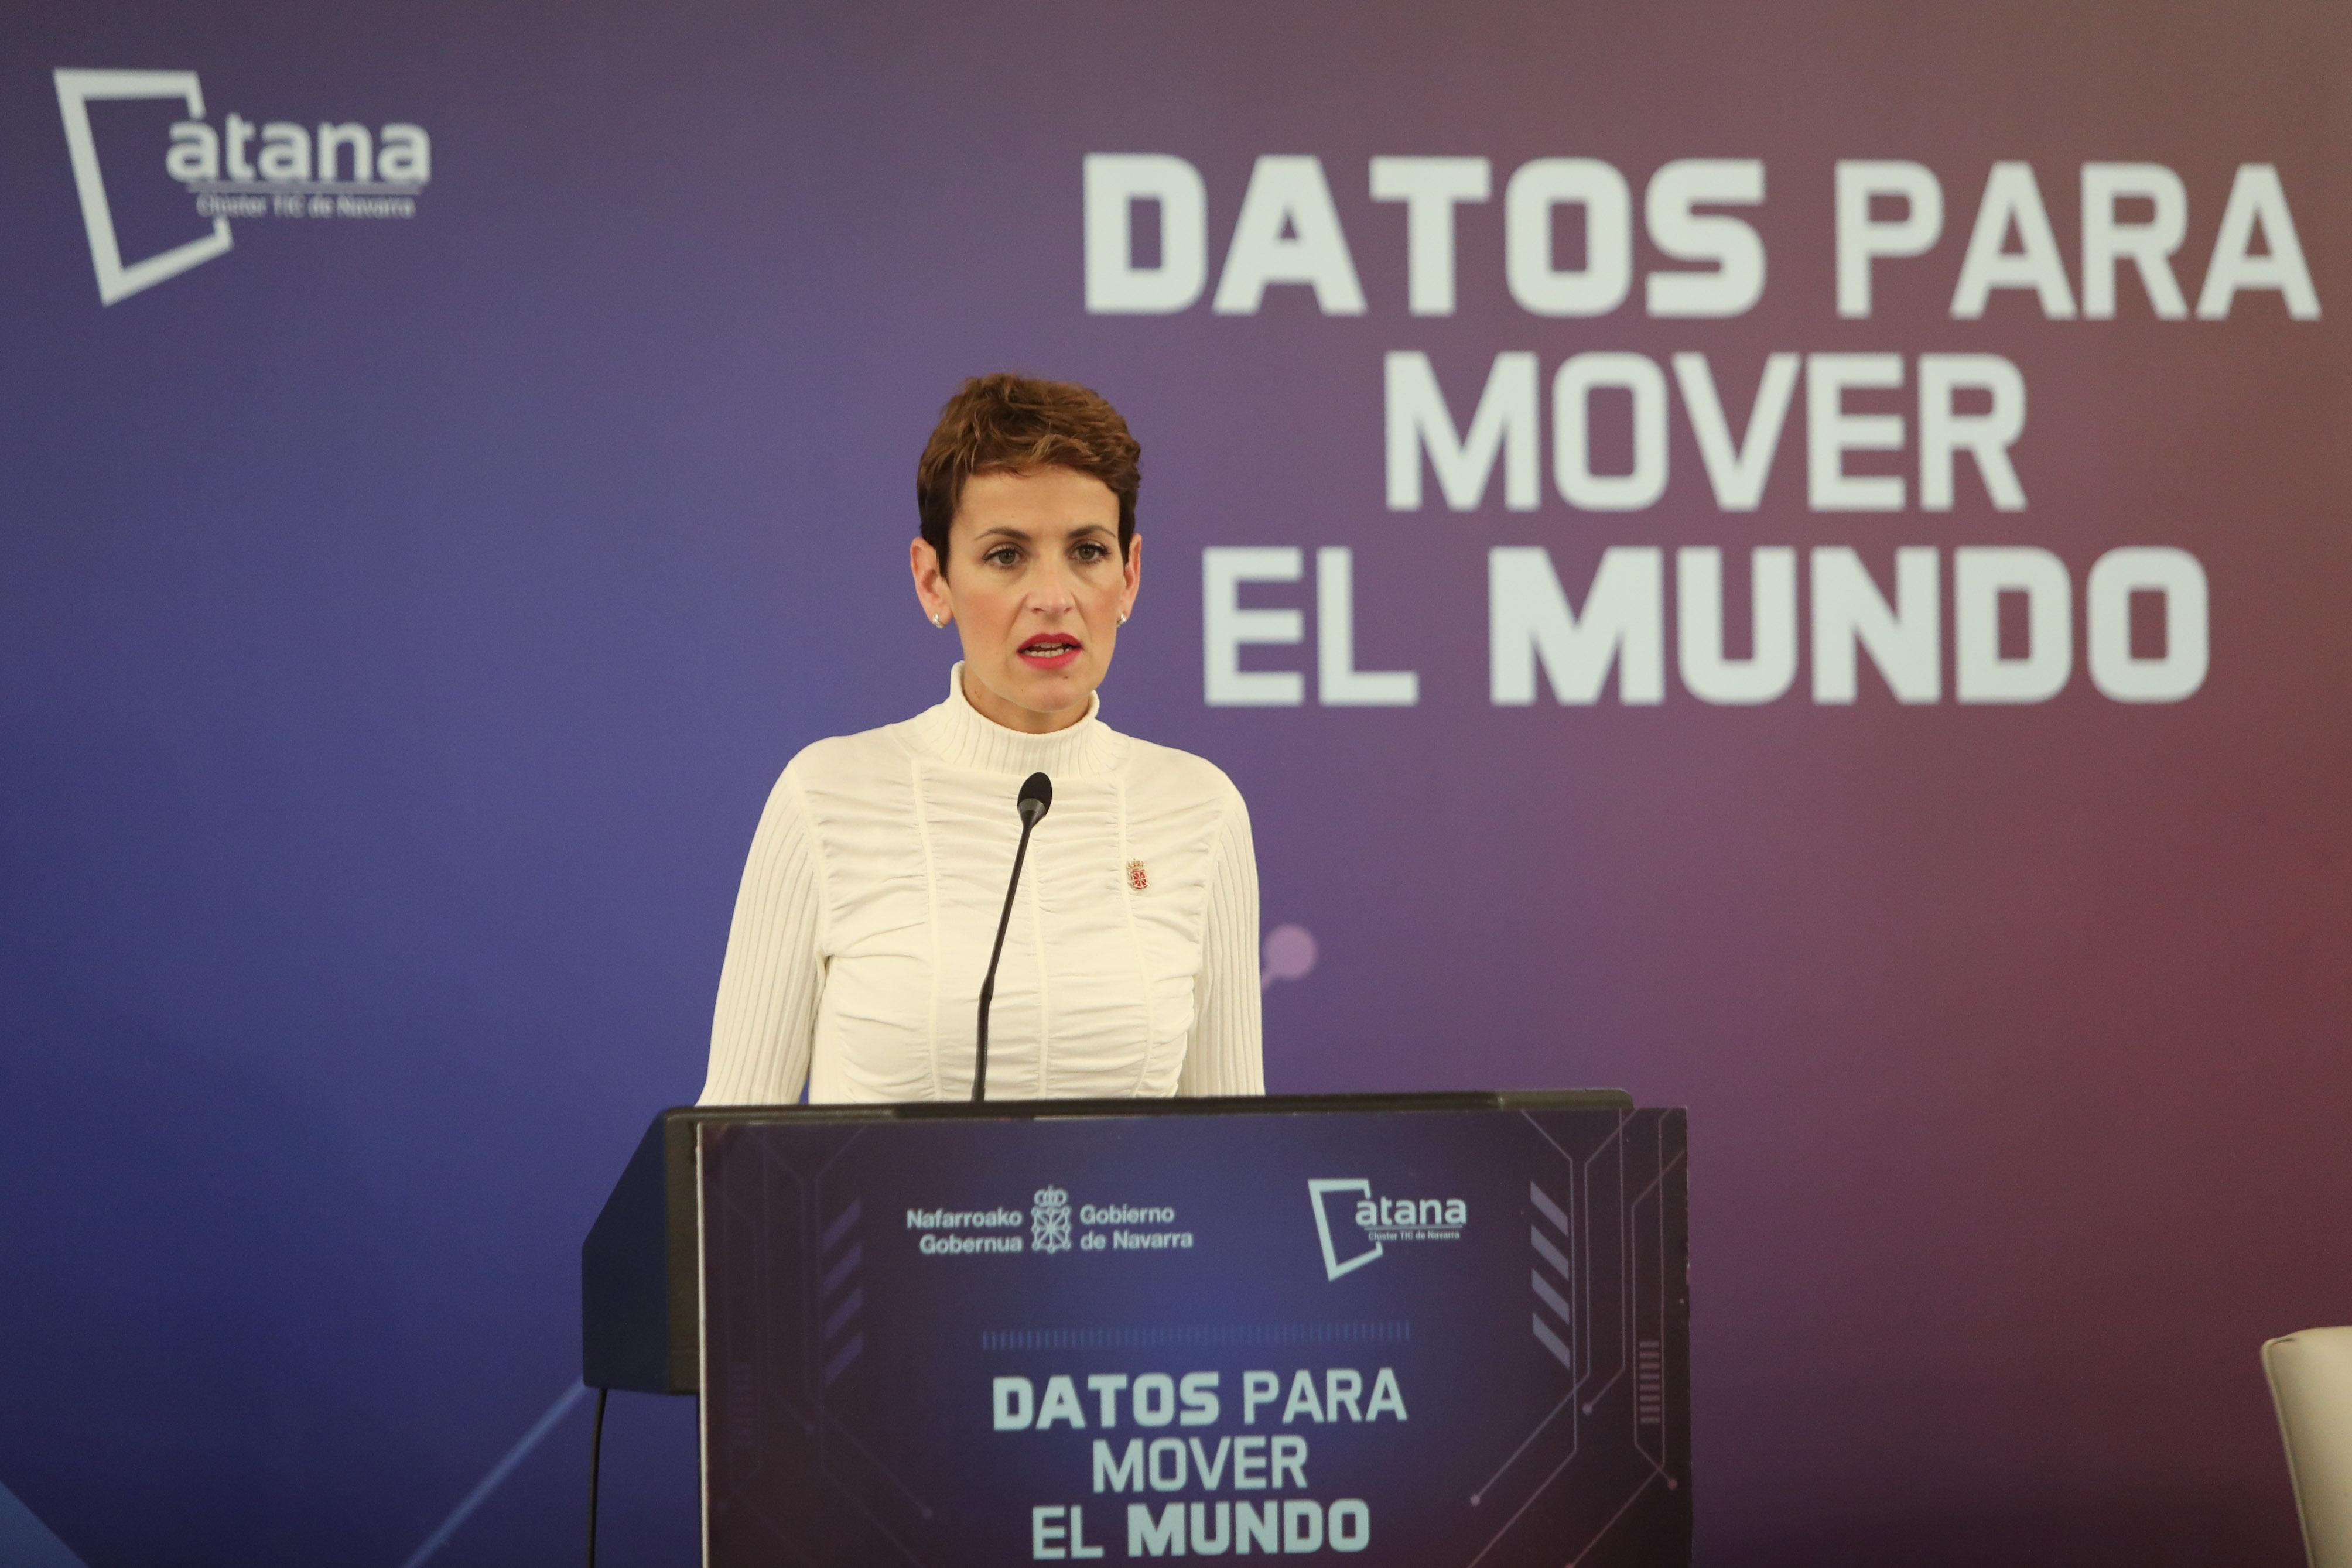 Chivite se compromete a trasladar la transformación digital a la sociedad